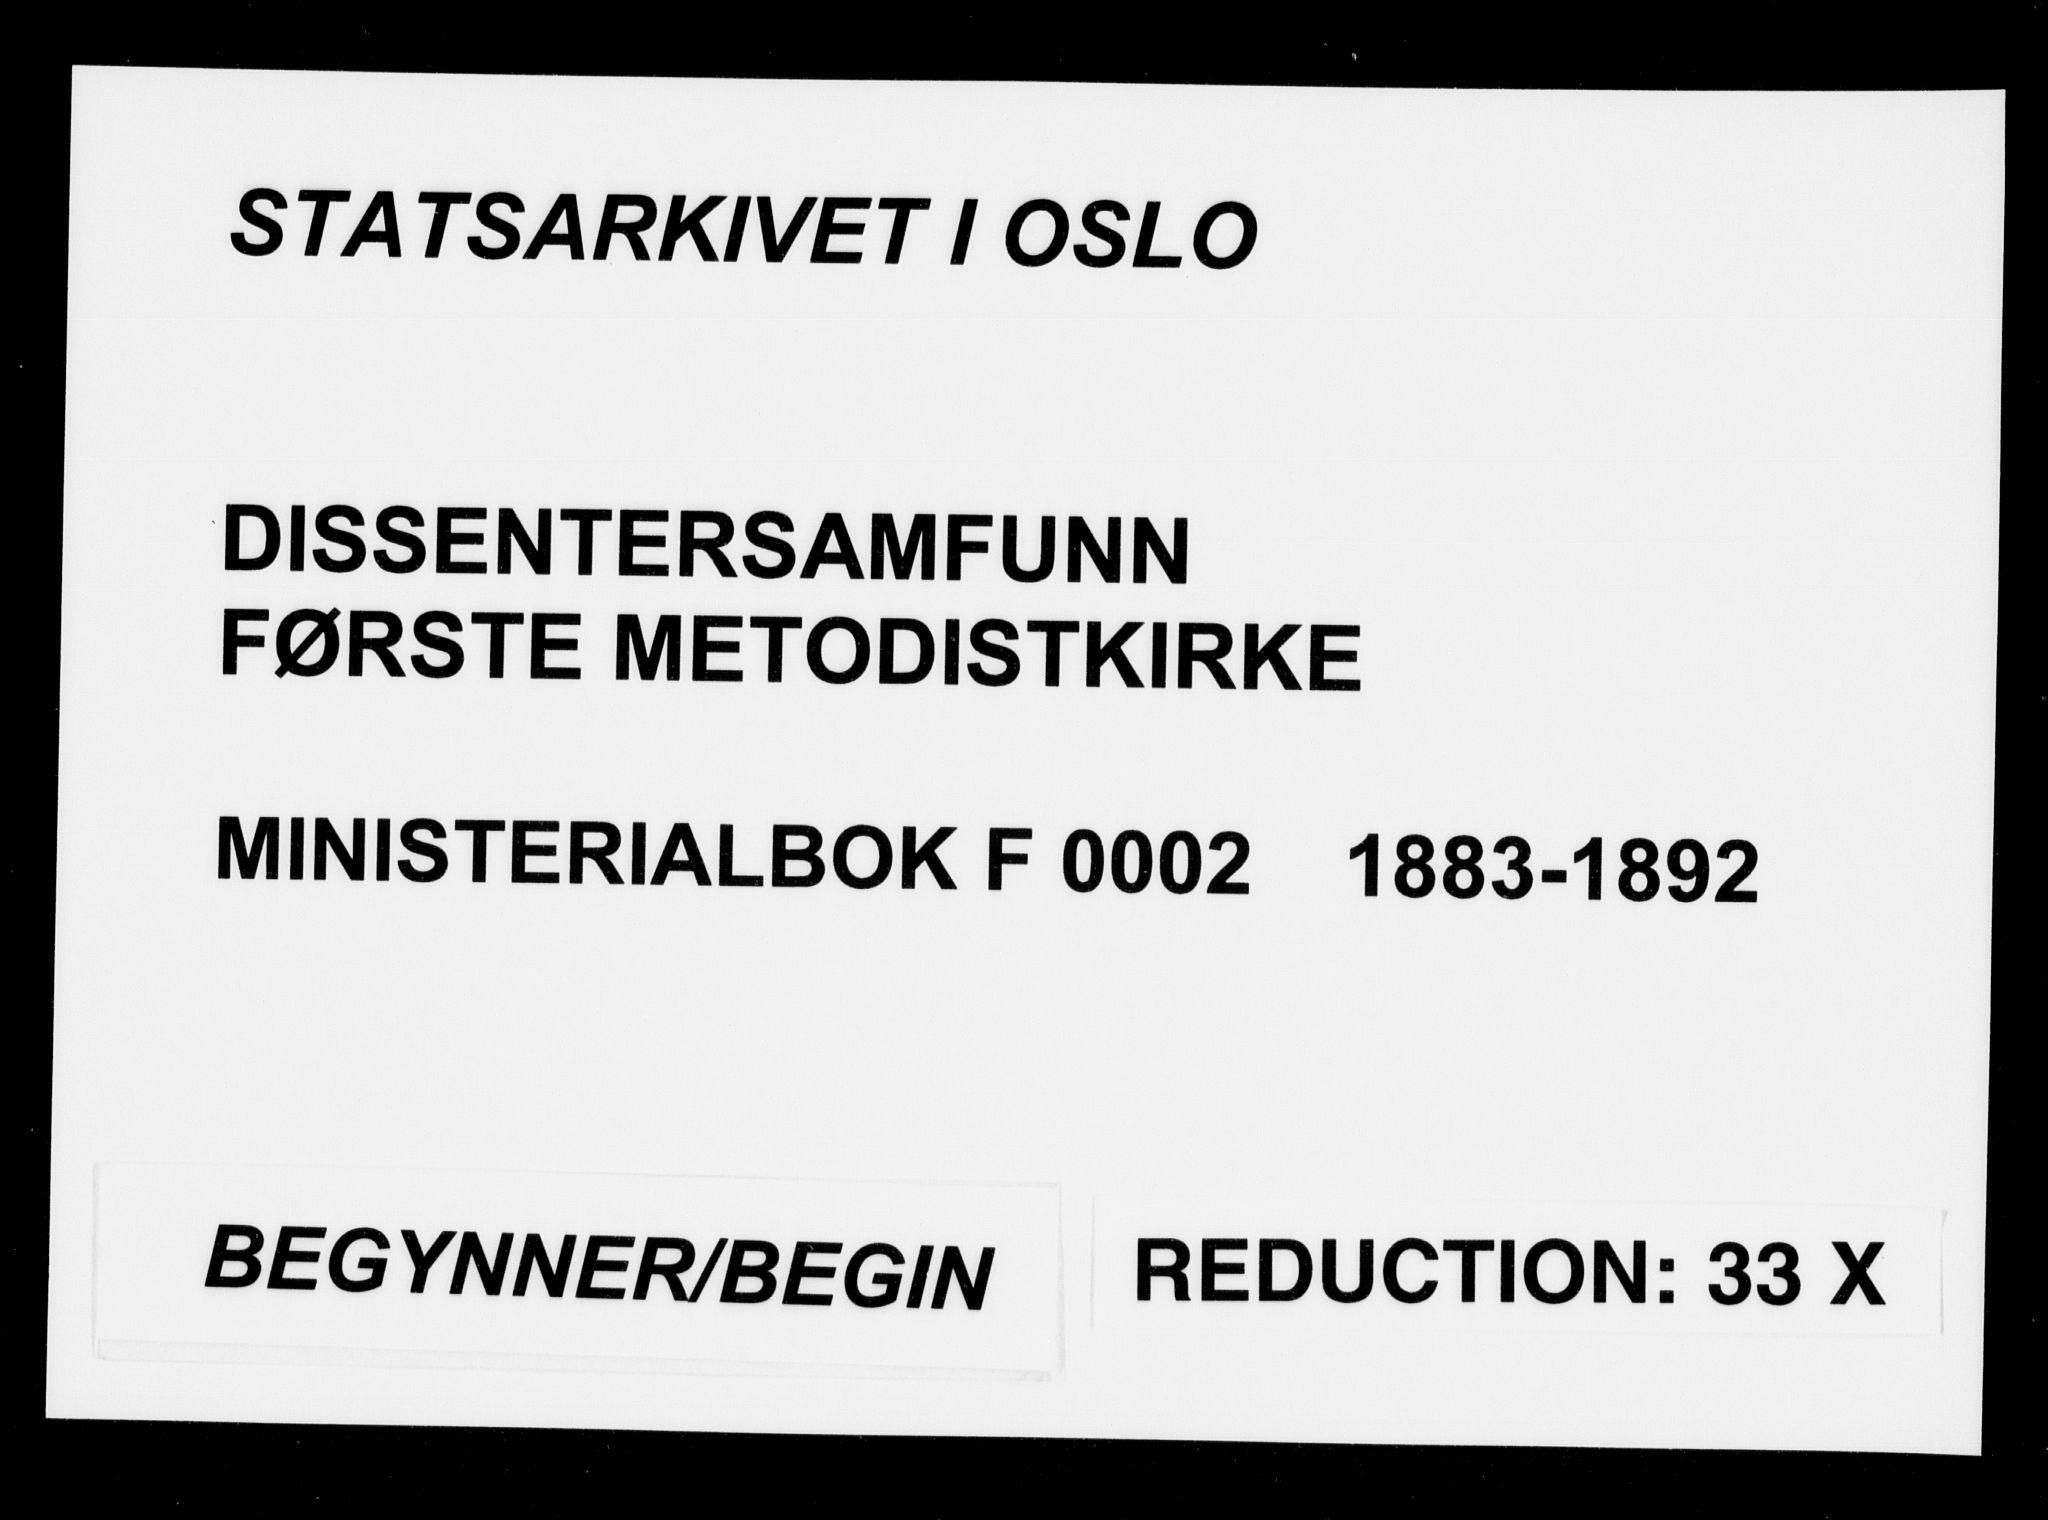 SAO, Første Metodistkirke Oslo -  menighetsprotokoller, F/L0002: Dissenterprotokoll nr. 2, 1883-1892